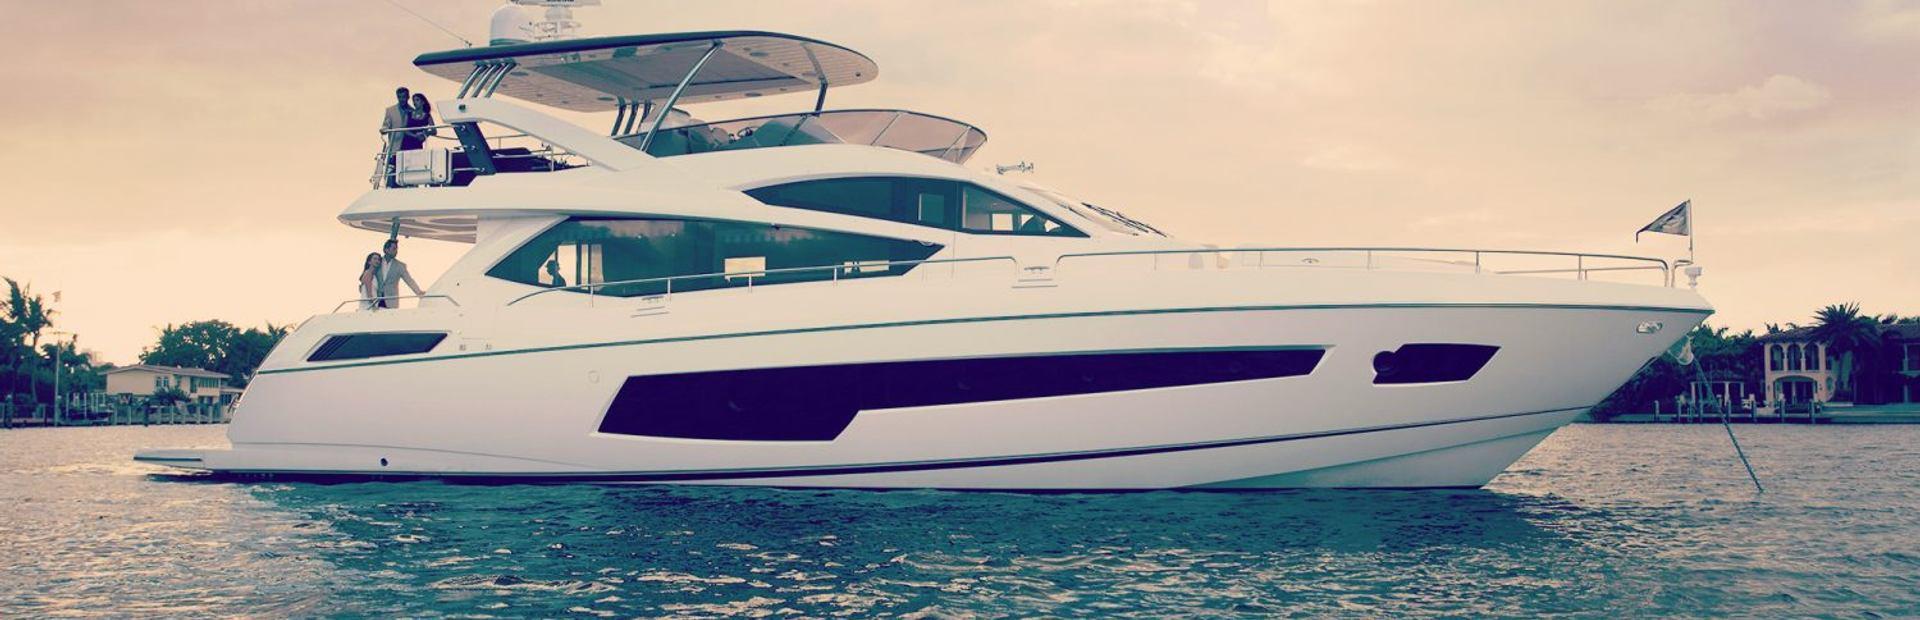 75 Yacht Yacht Charter